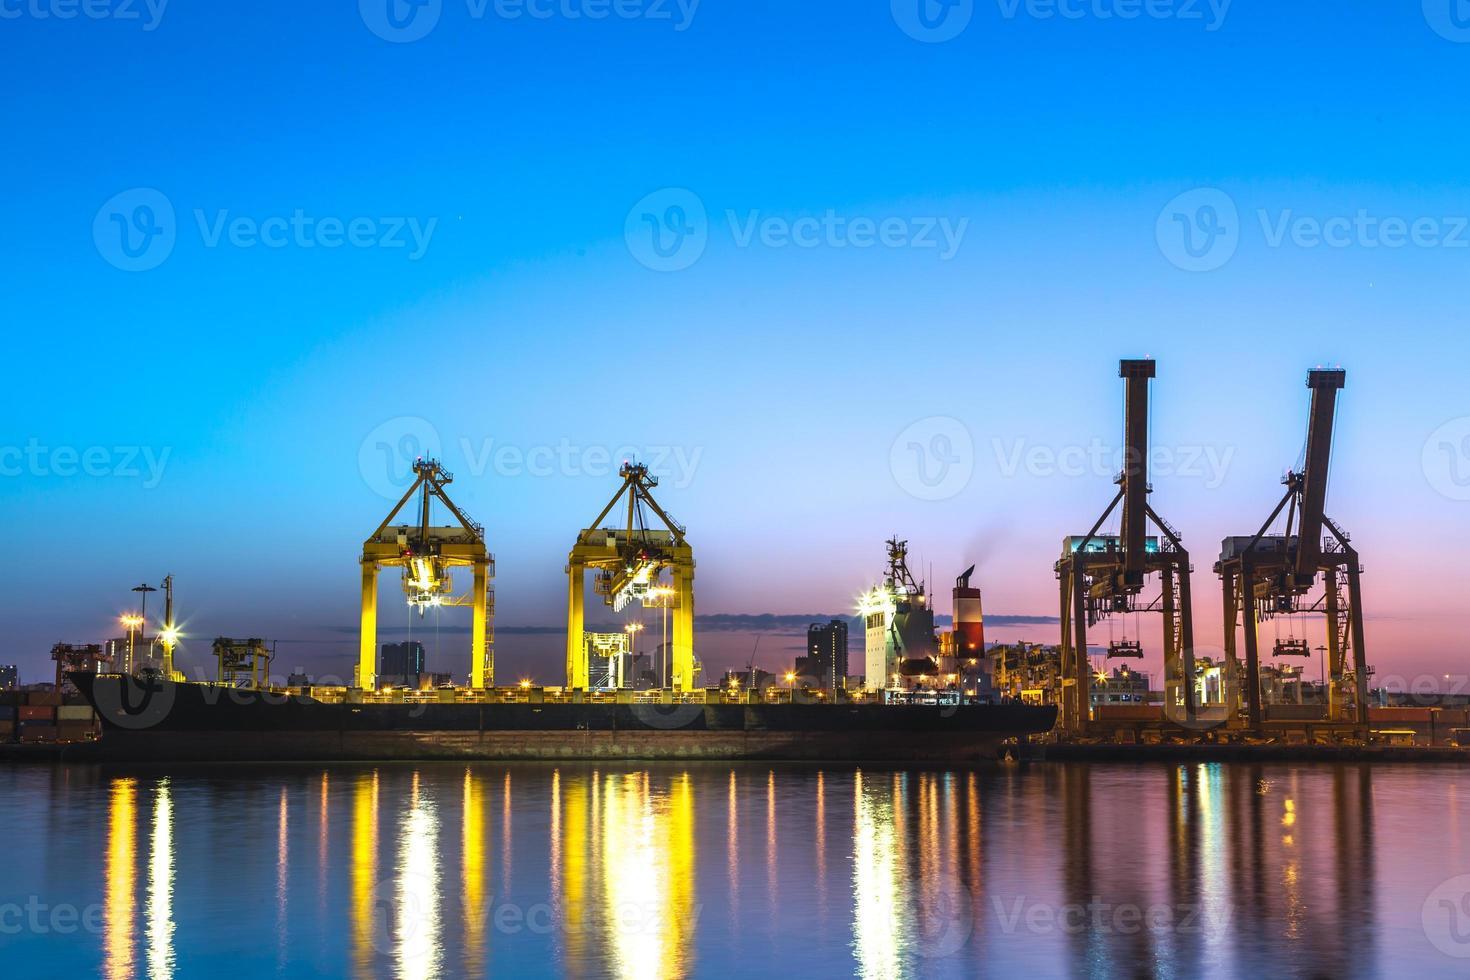 contêiner carga frete navio trabalhando ponte guindaste no estaleiro foto